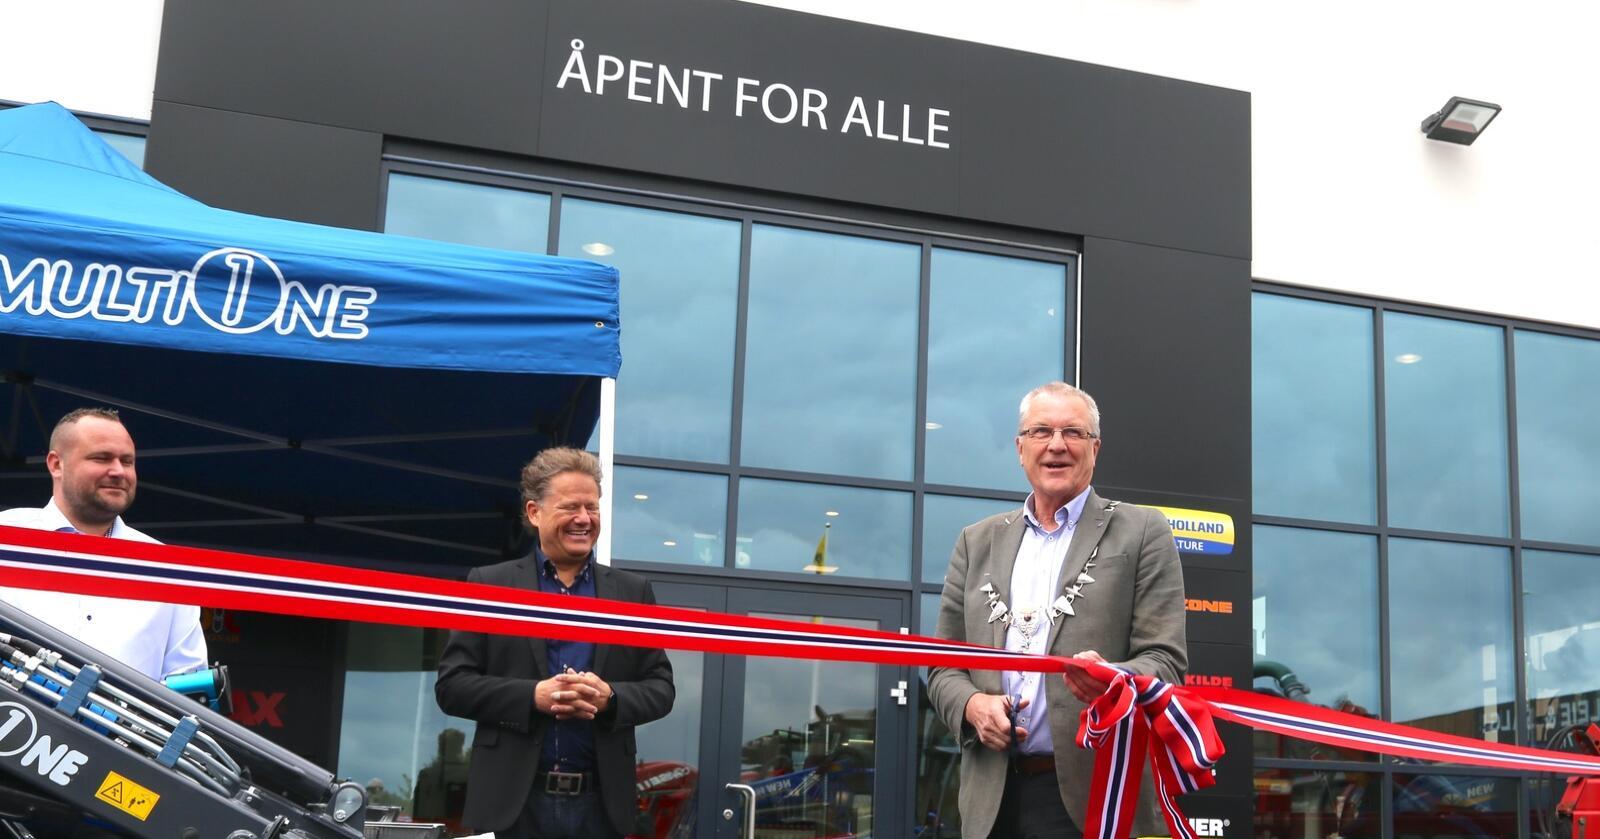 OFFISIELL ÅPNING. Klepp-ordfører Sigmund Rolfsen (Ap) klipper snor i anledning den offisielle åpningen av A-K Jæren 18. mai.